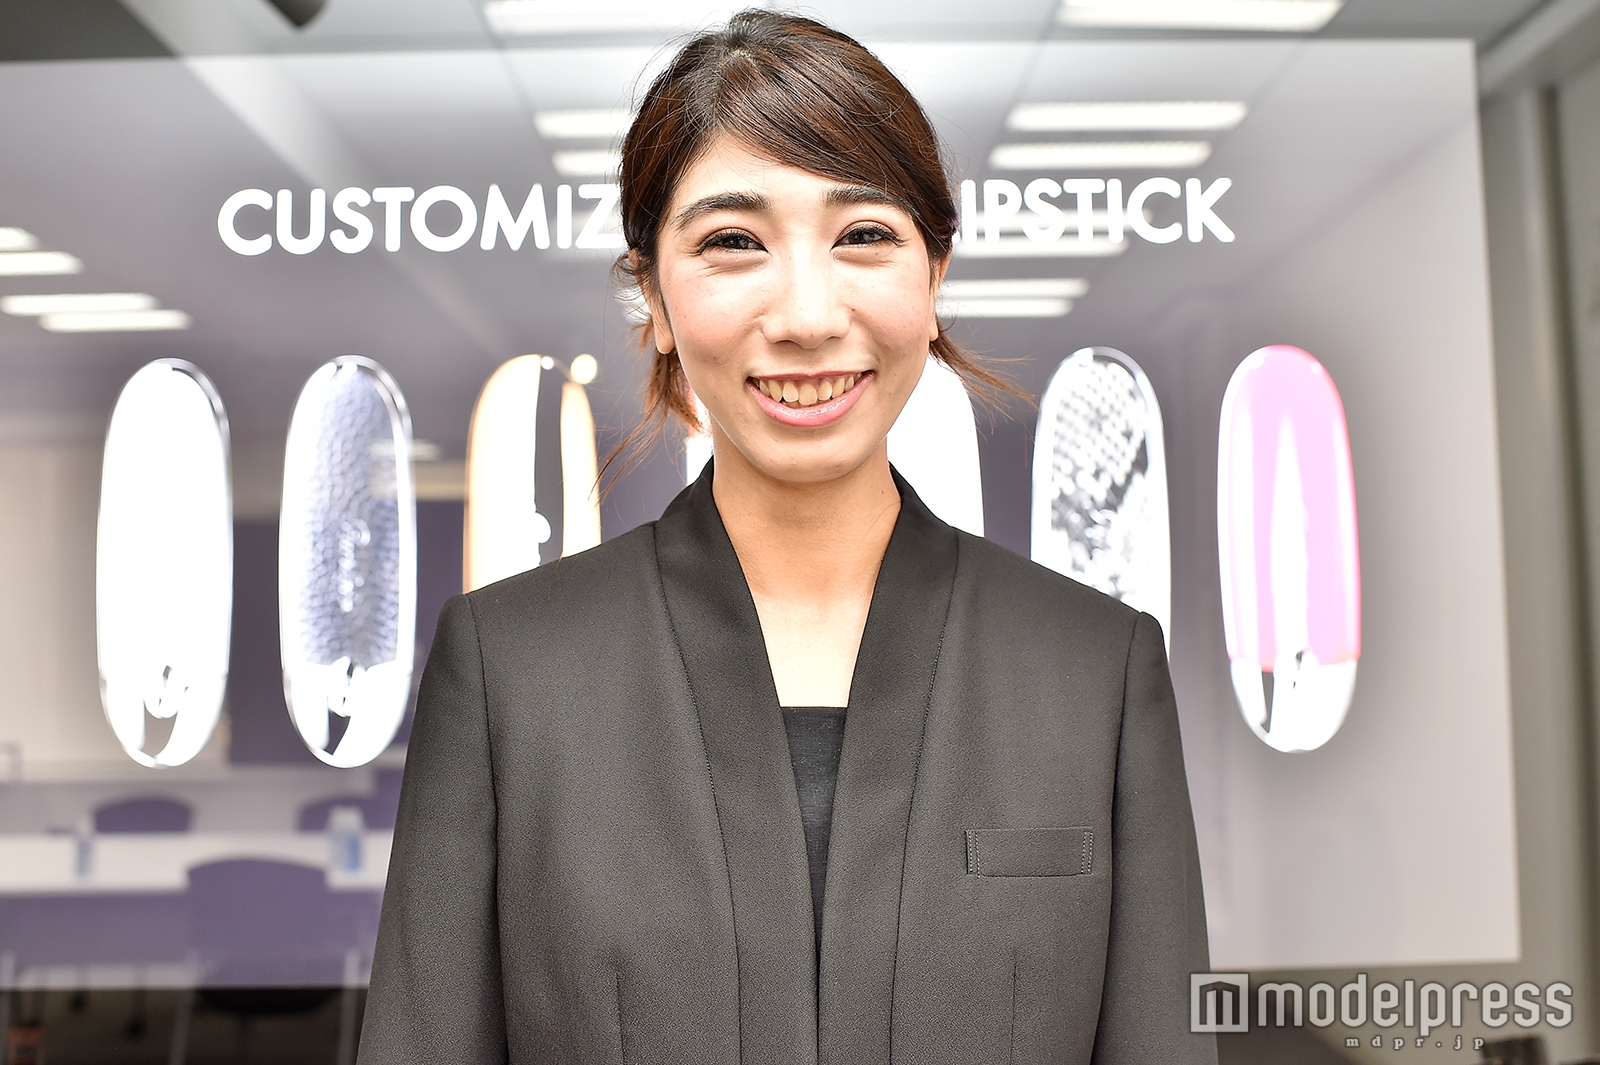 「ゲラン」ビューティーアンバサダーの遠藤舞子さん(C)モデルプレス